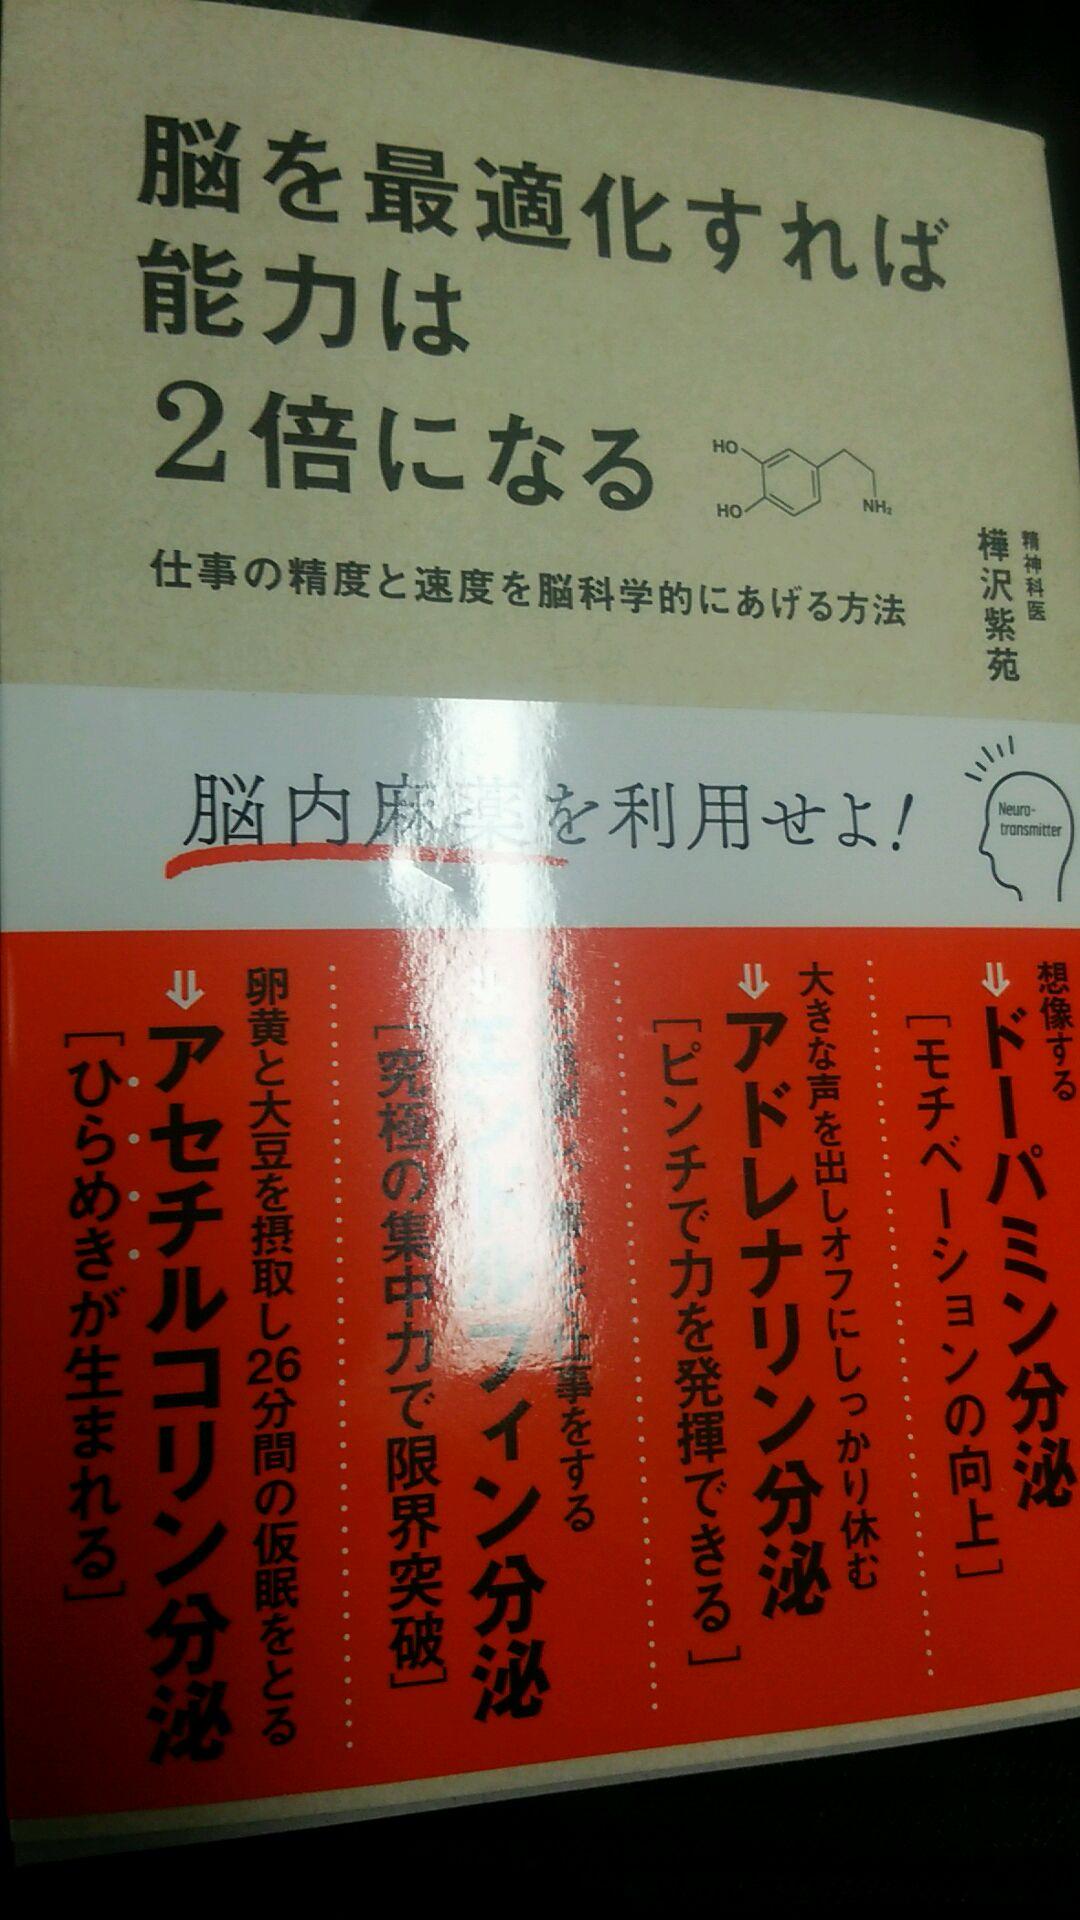 学 樺沢 所 心理 研究